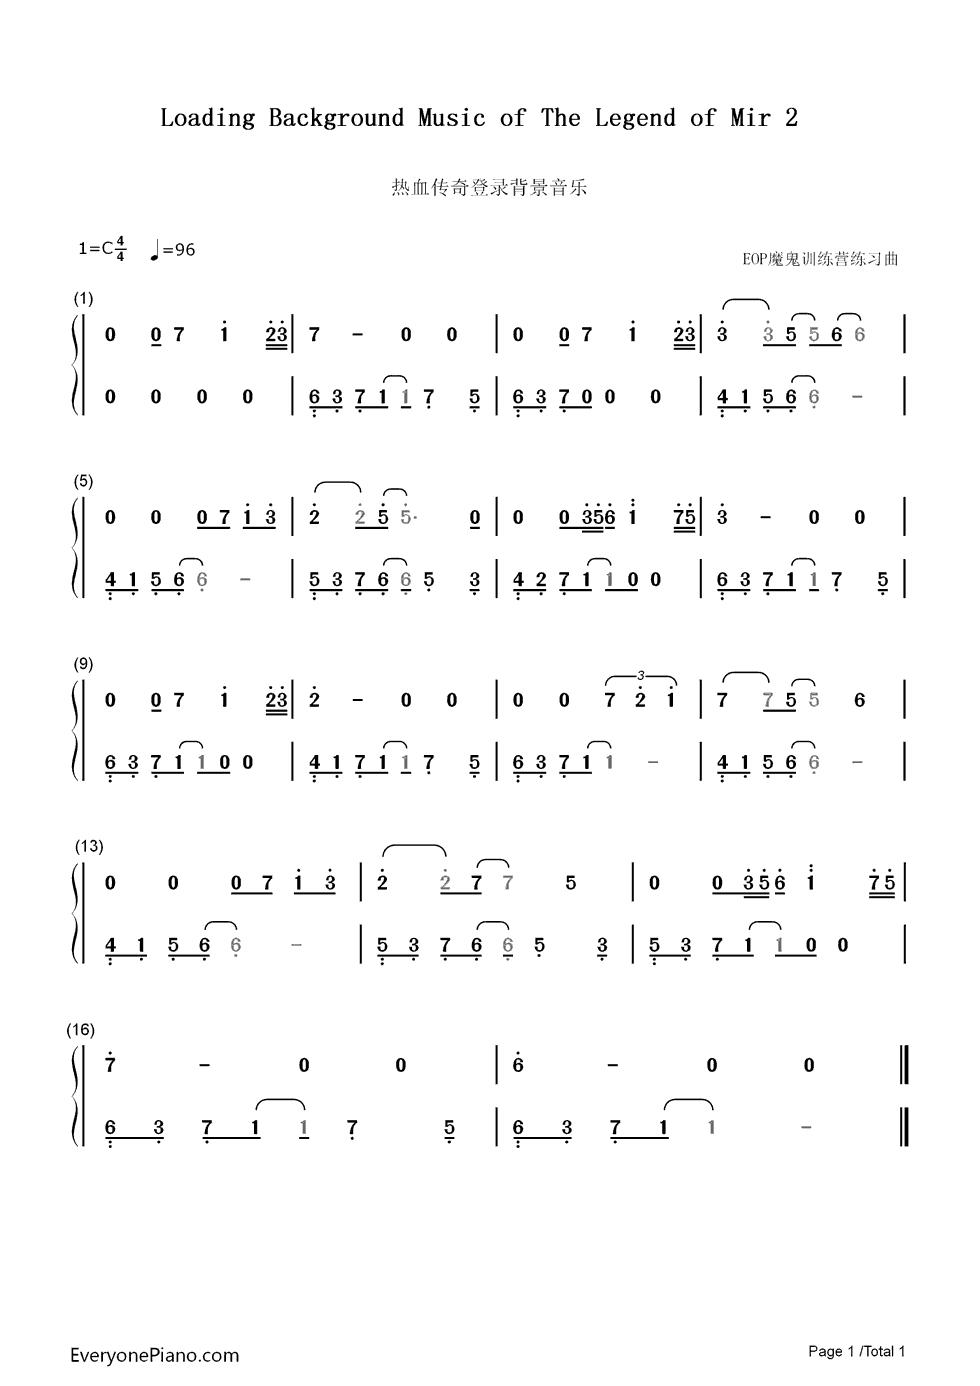 热血传奇登录背景音乐-eop教学曲双手简谱预览1